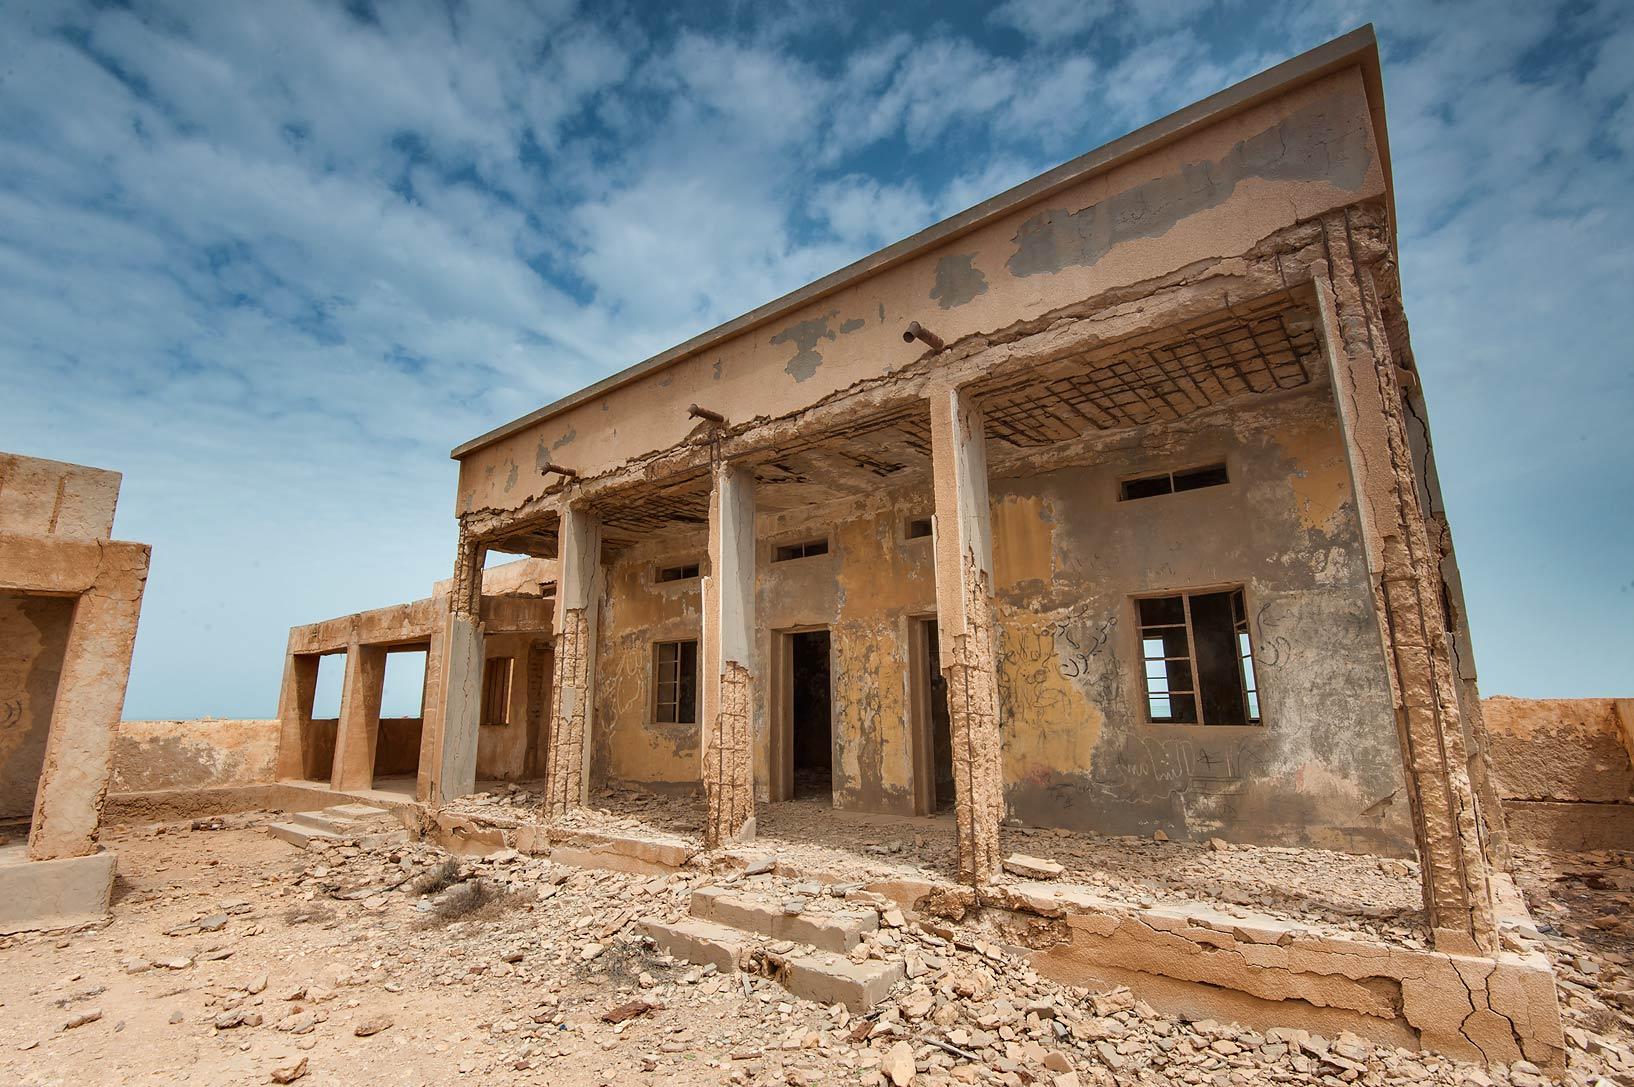 Slideshow 1593 08 School Building In A Village Of Al